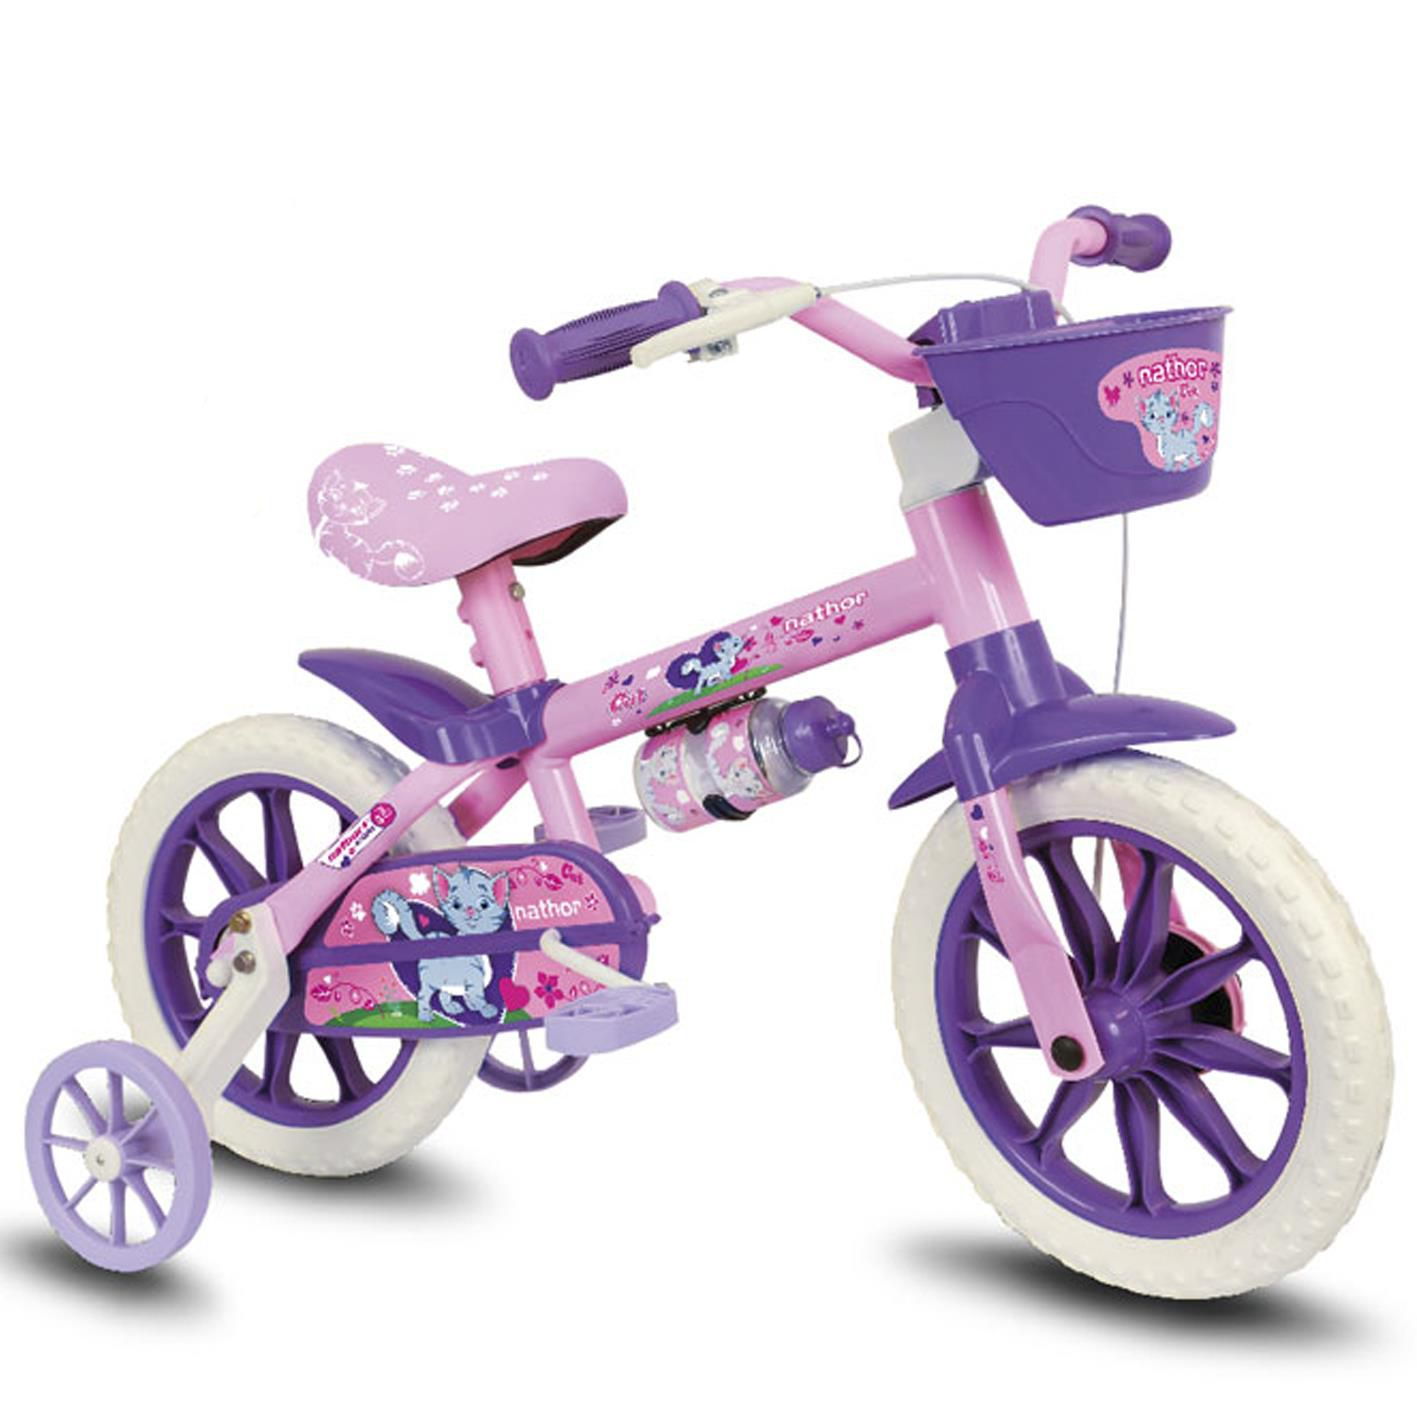 Bicicleta Infantil Nathor Aro 12 Feminina Cat Rosa C/ Cesta